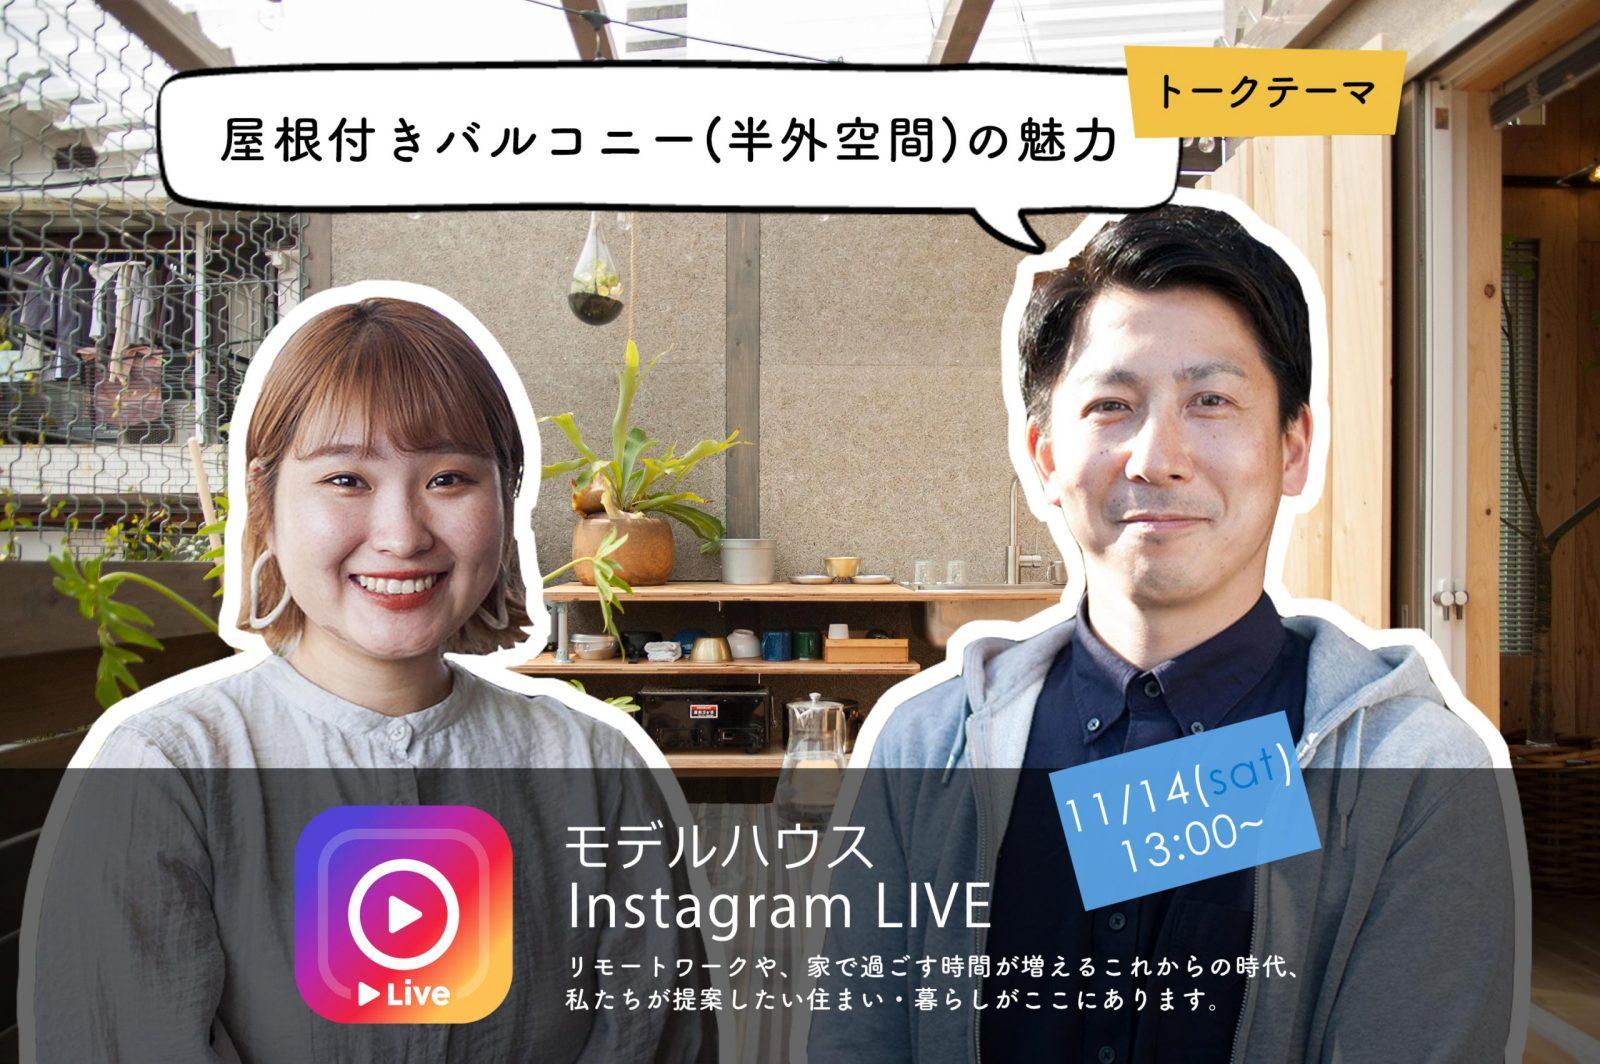 【終了しました】11月14日(土)13:00〜 Instagramライブ開催のお知らせ